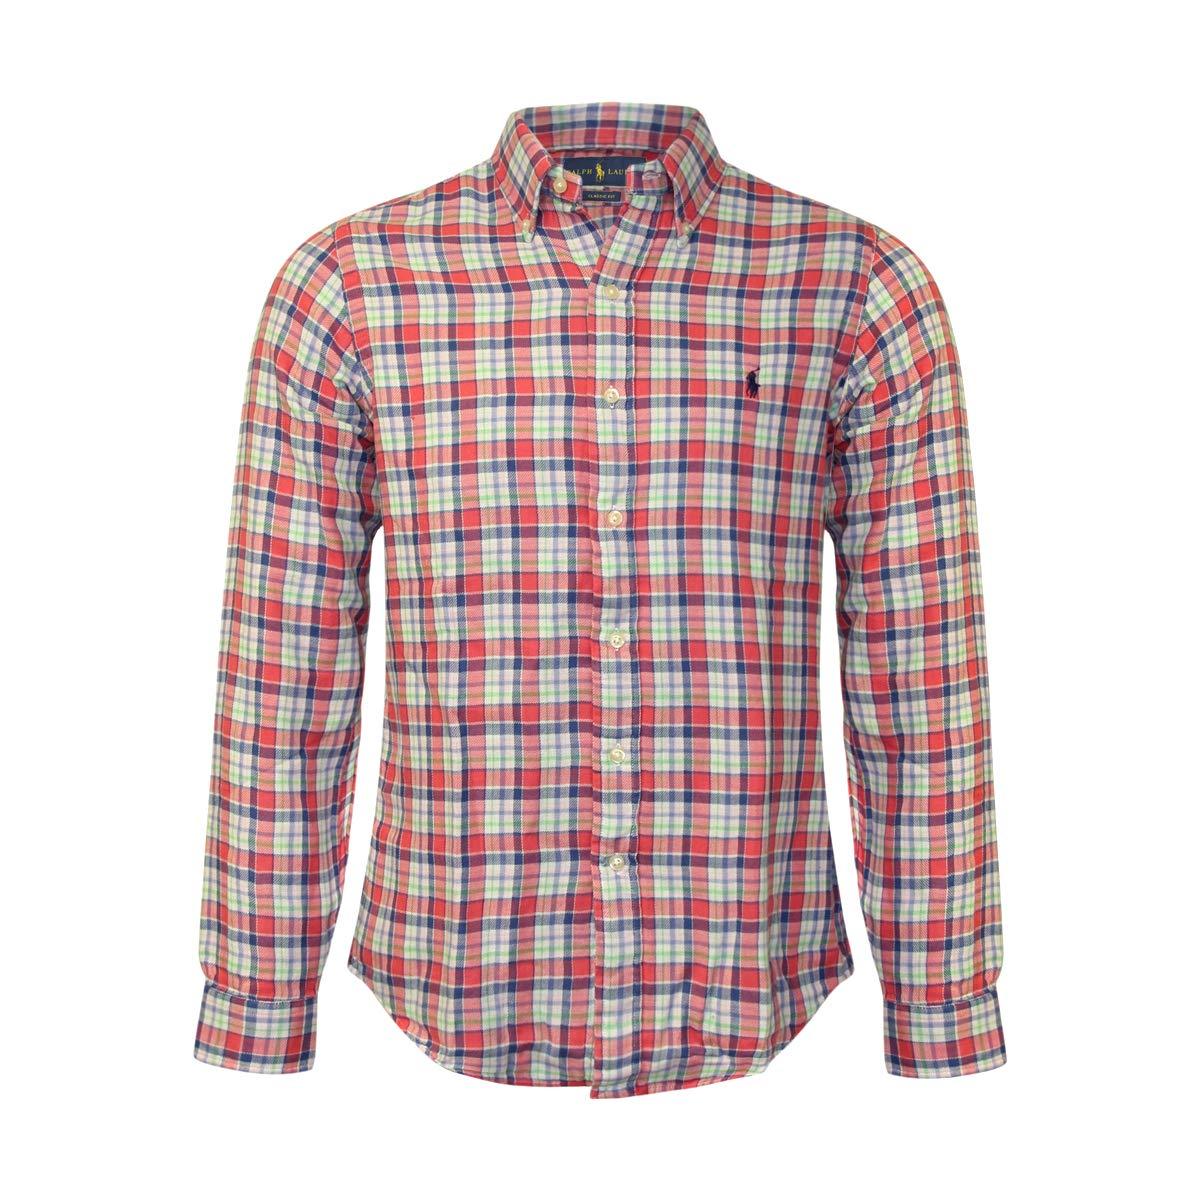 Polo Ralph Lauren Men's Lightweight Classic Fit Flannel Shirt Long Sleeve Plaid Shirts